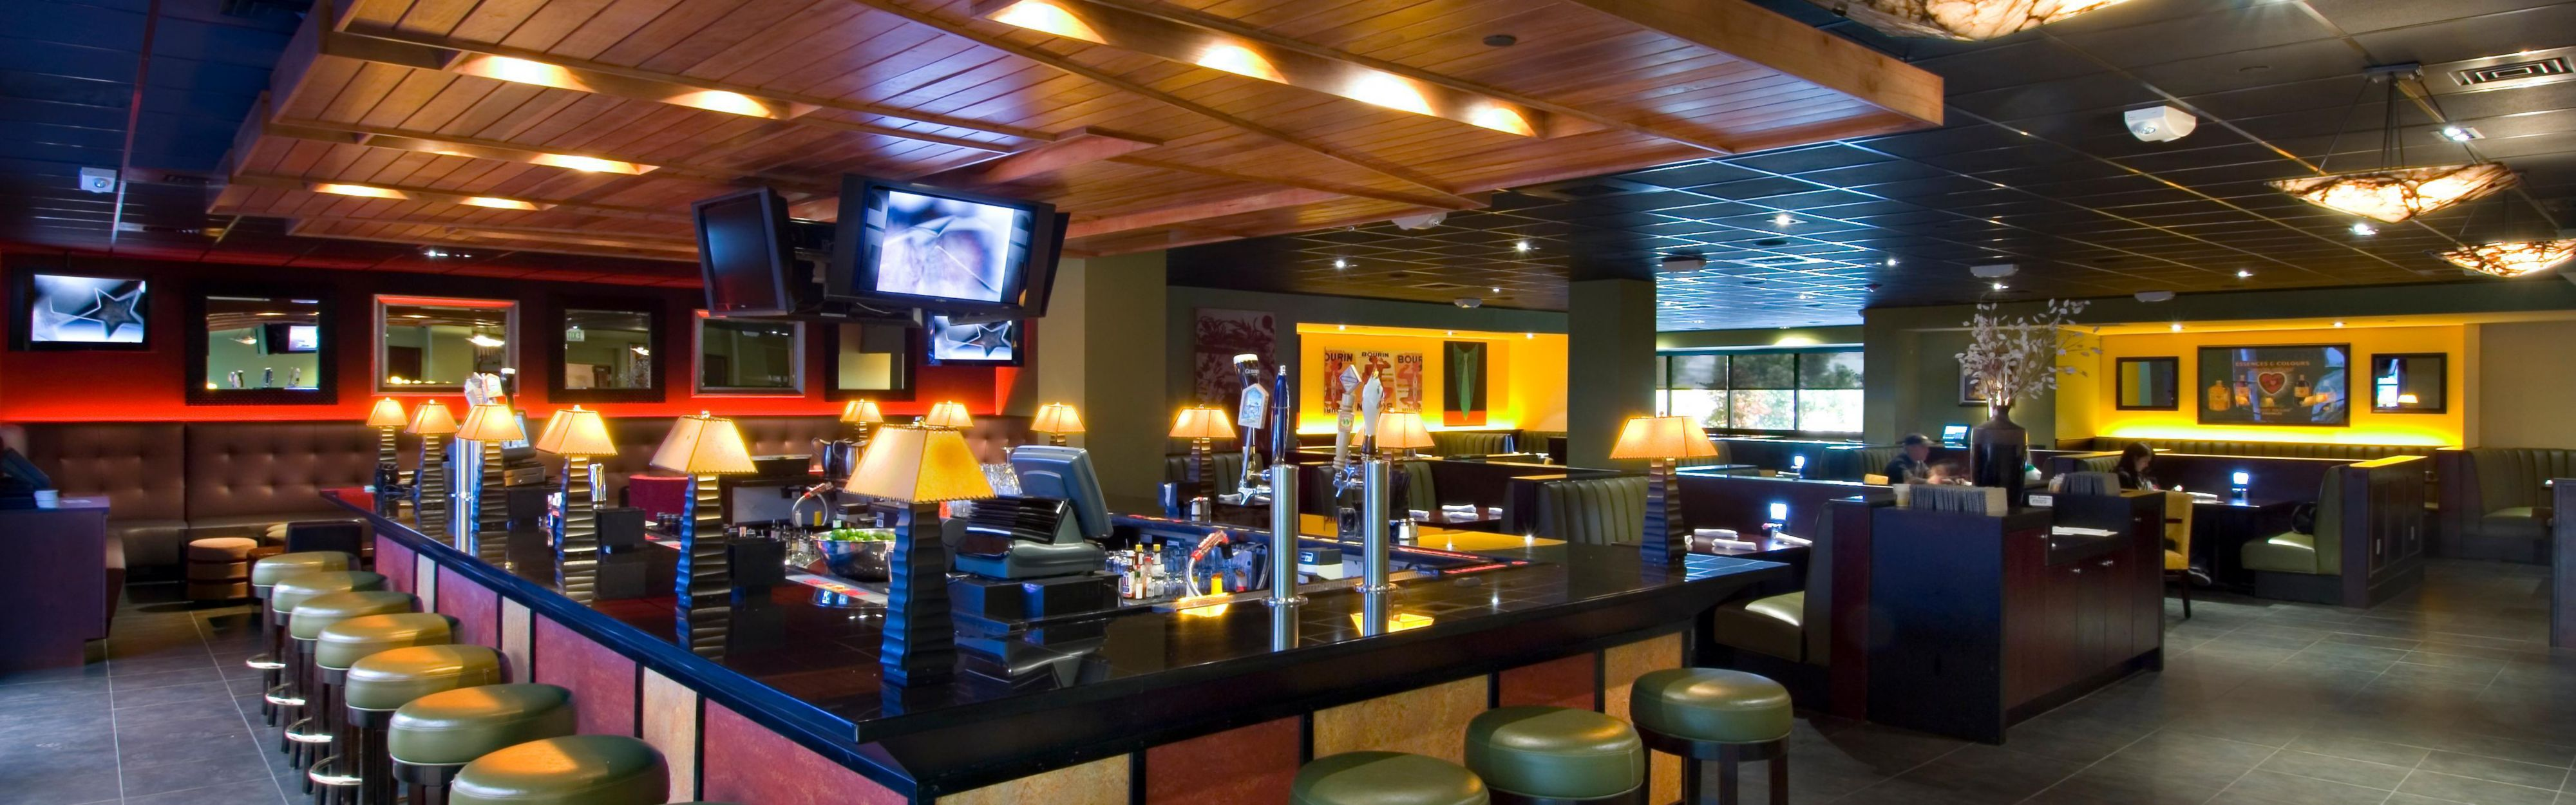 Holiday Inn San Francisco Airport image 2